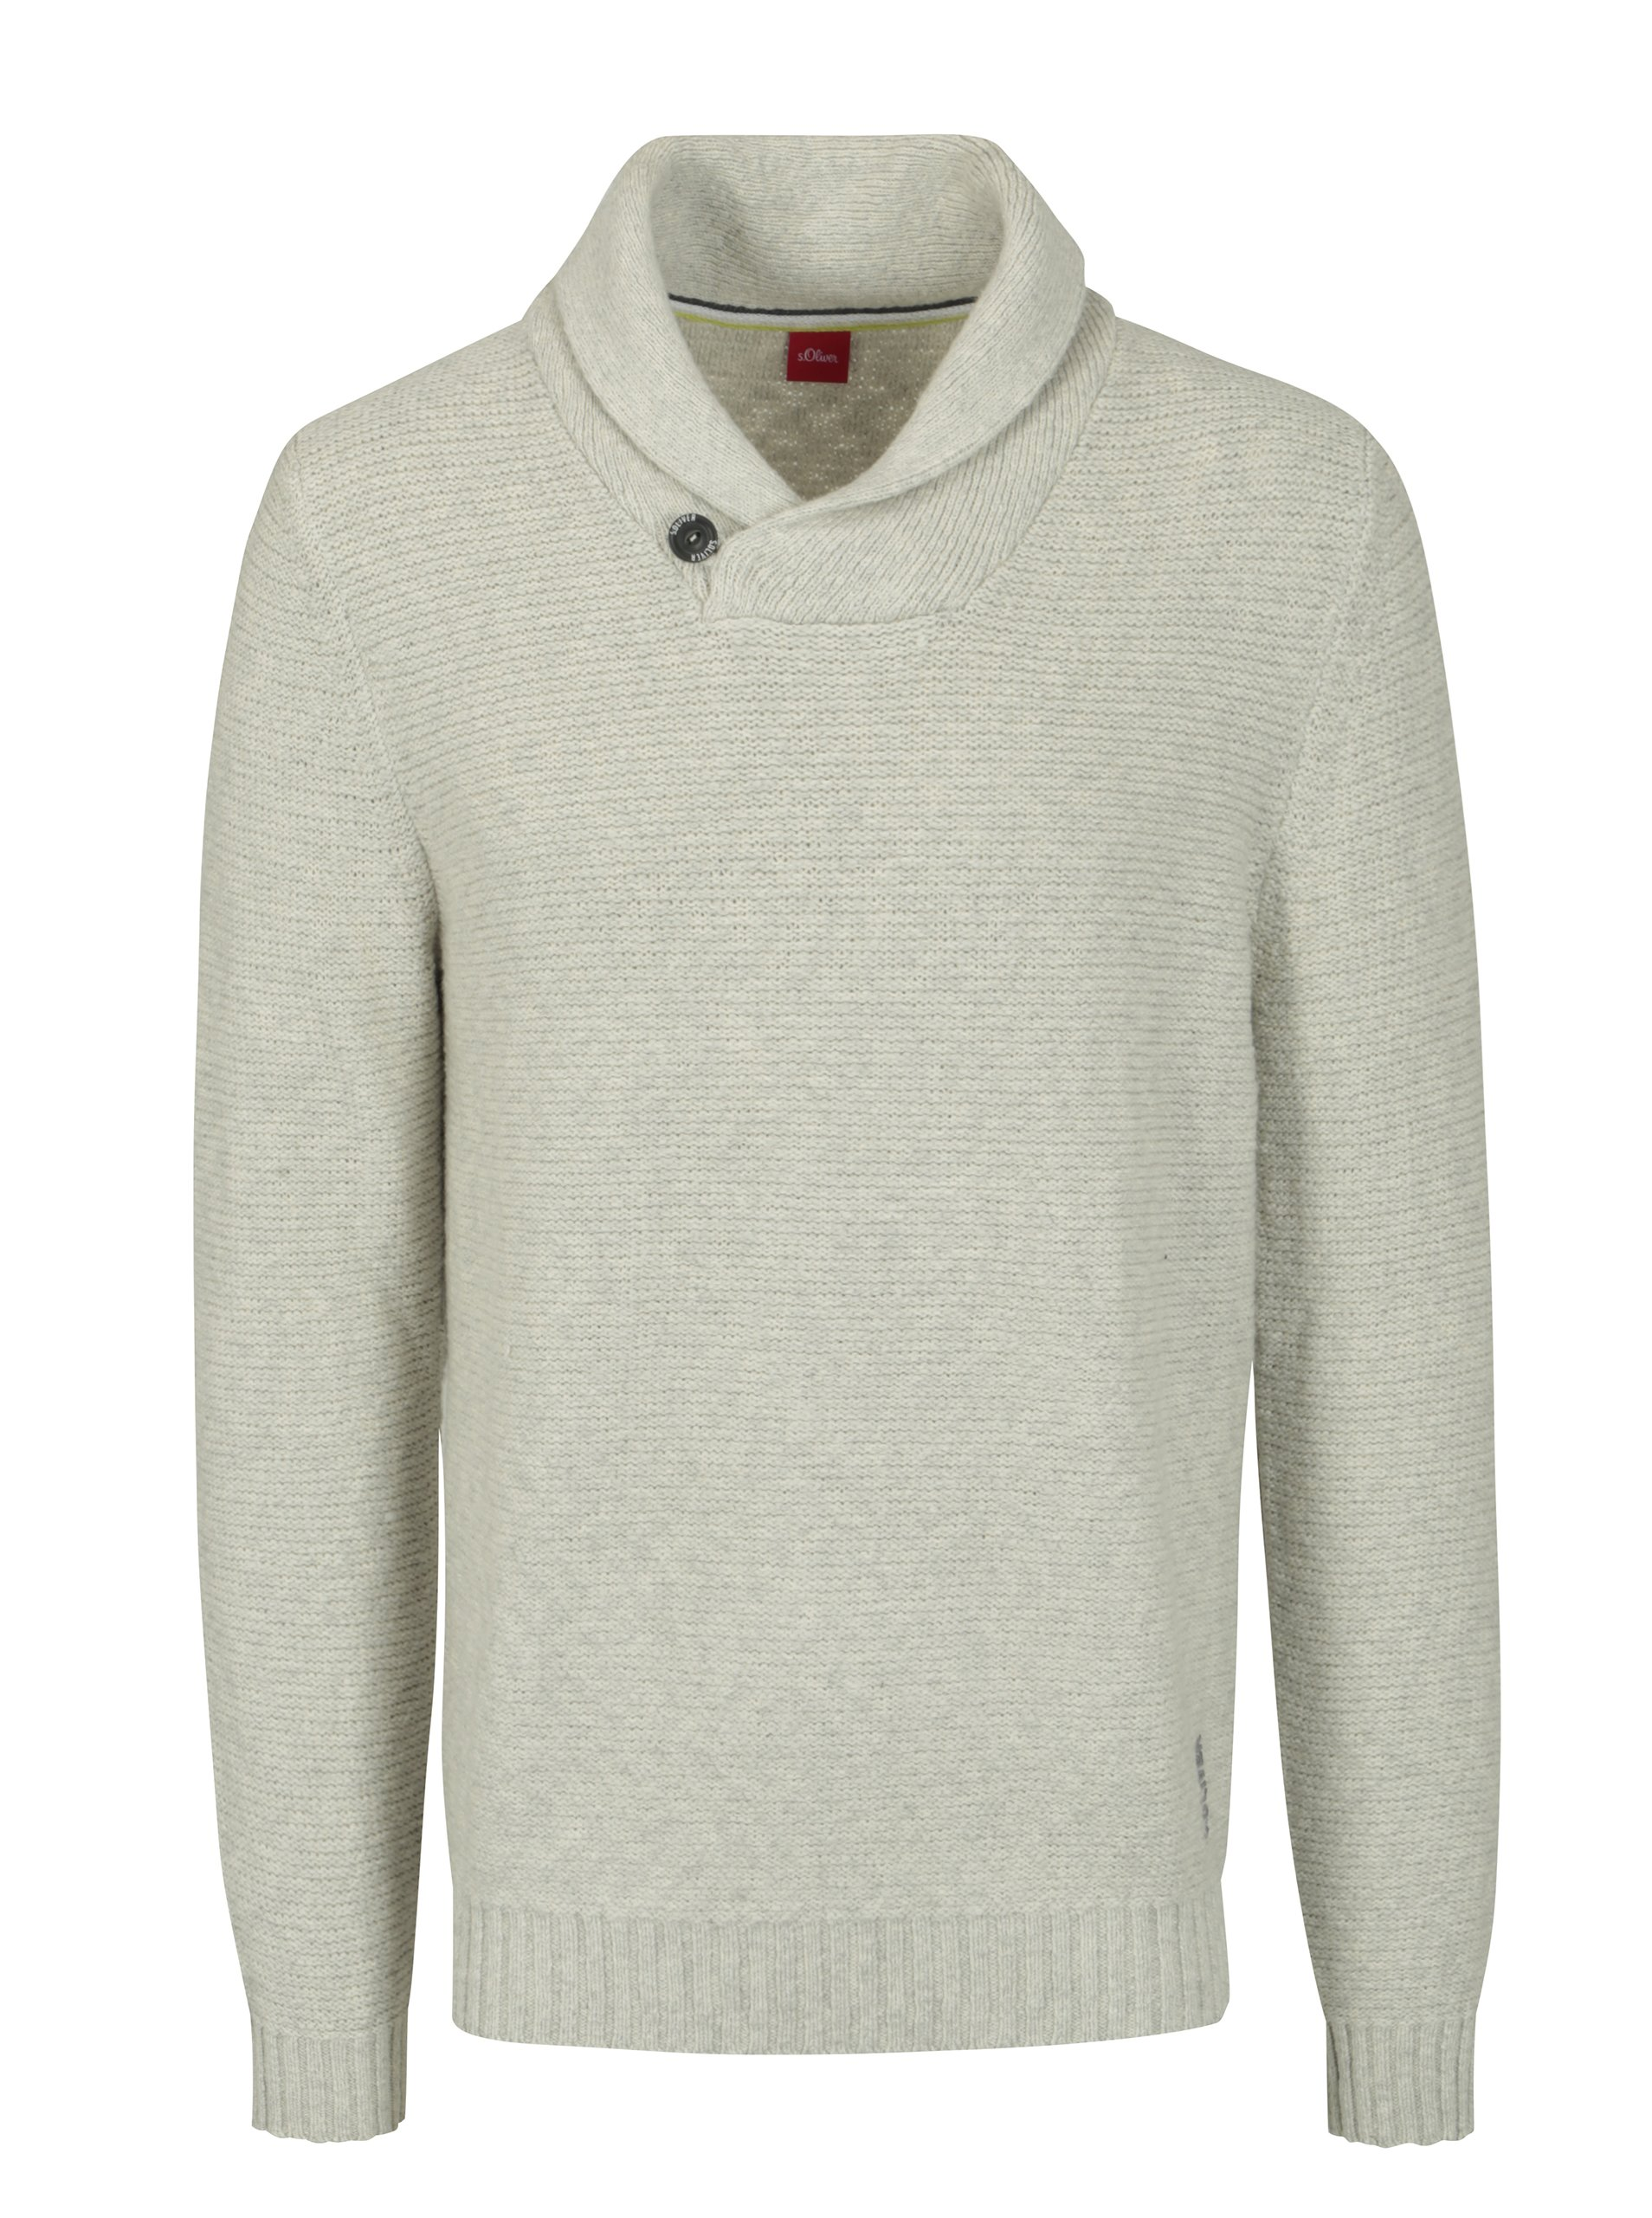 77b7cc61c457 Krémový melírovaný pánsky sveter s golierom s.Oliver